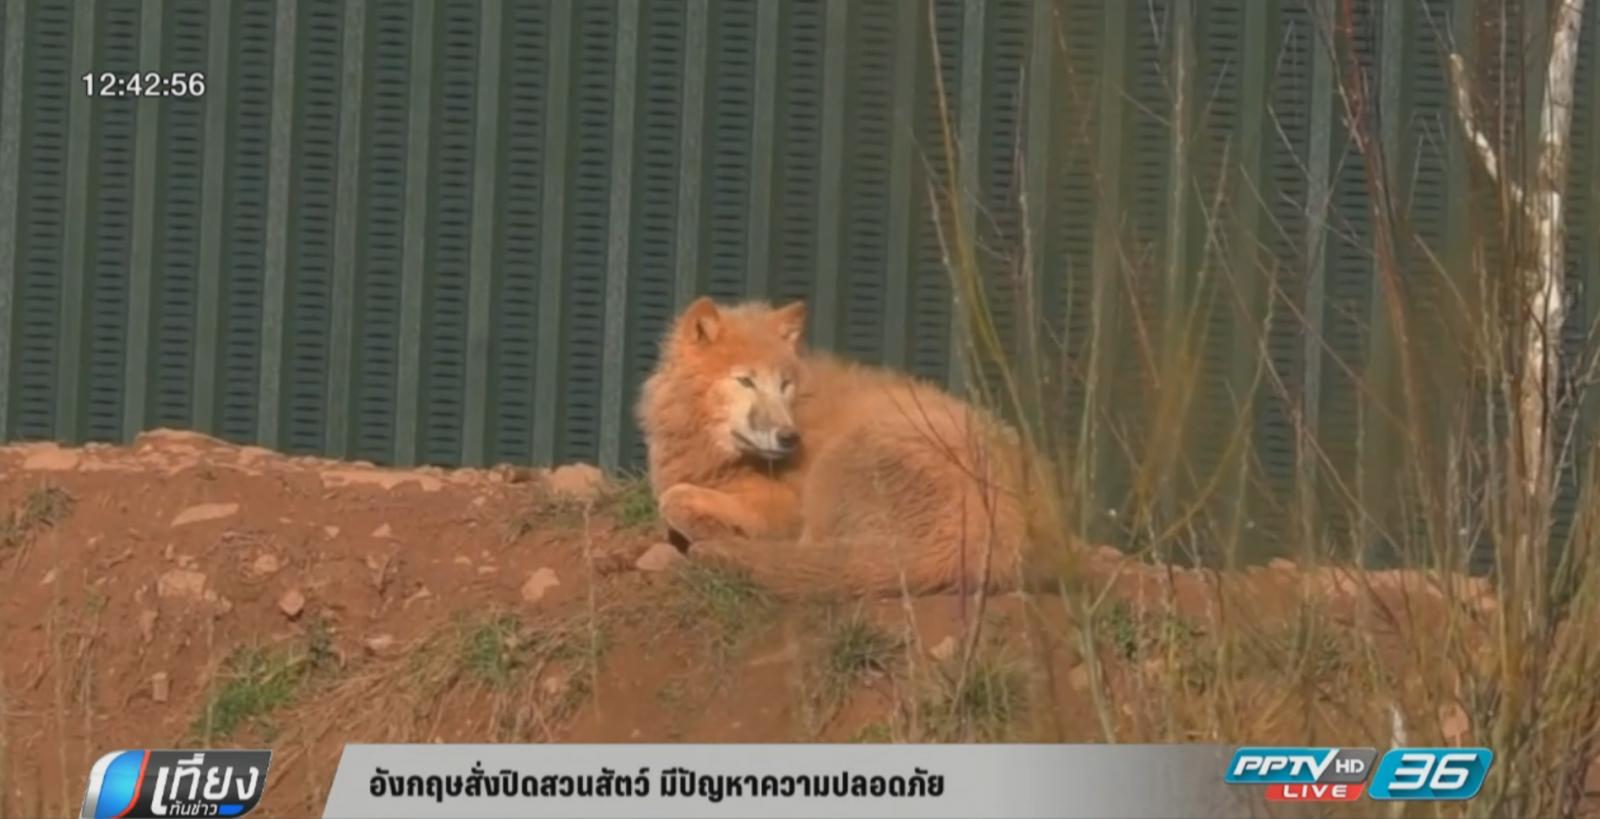 อังกฤษสั่งปิดสวนสัตว์ชื่อดัง ทำสัตว์ตายเกือบ 500 ตัว